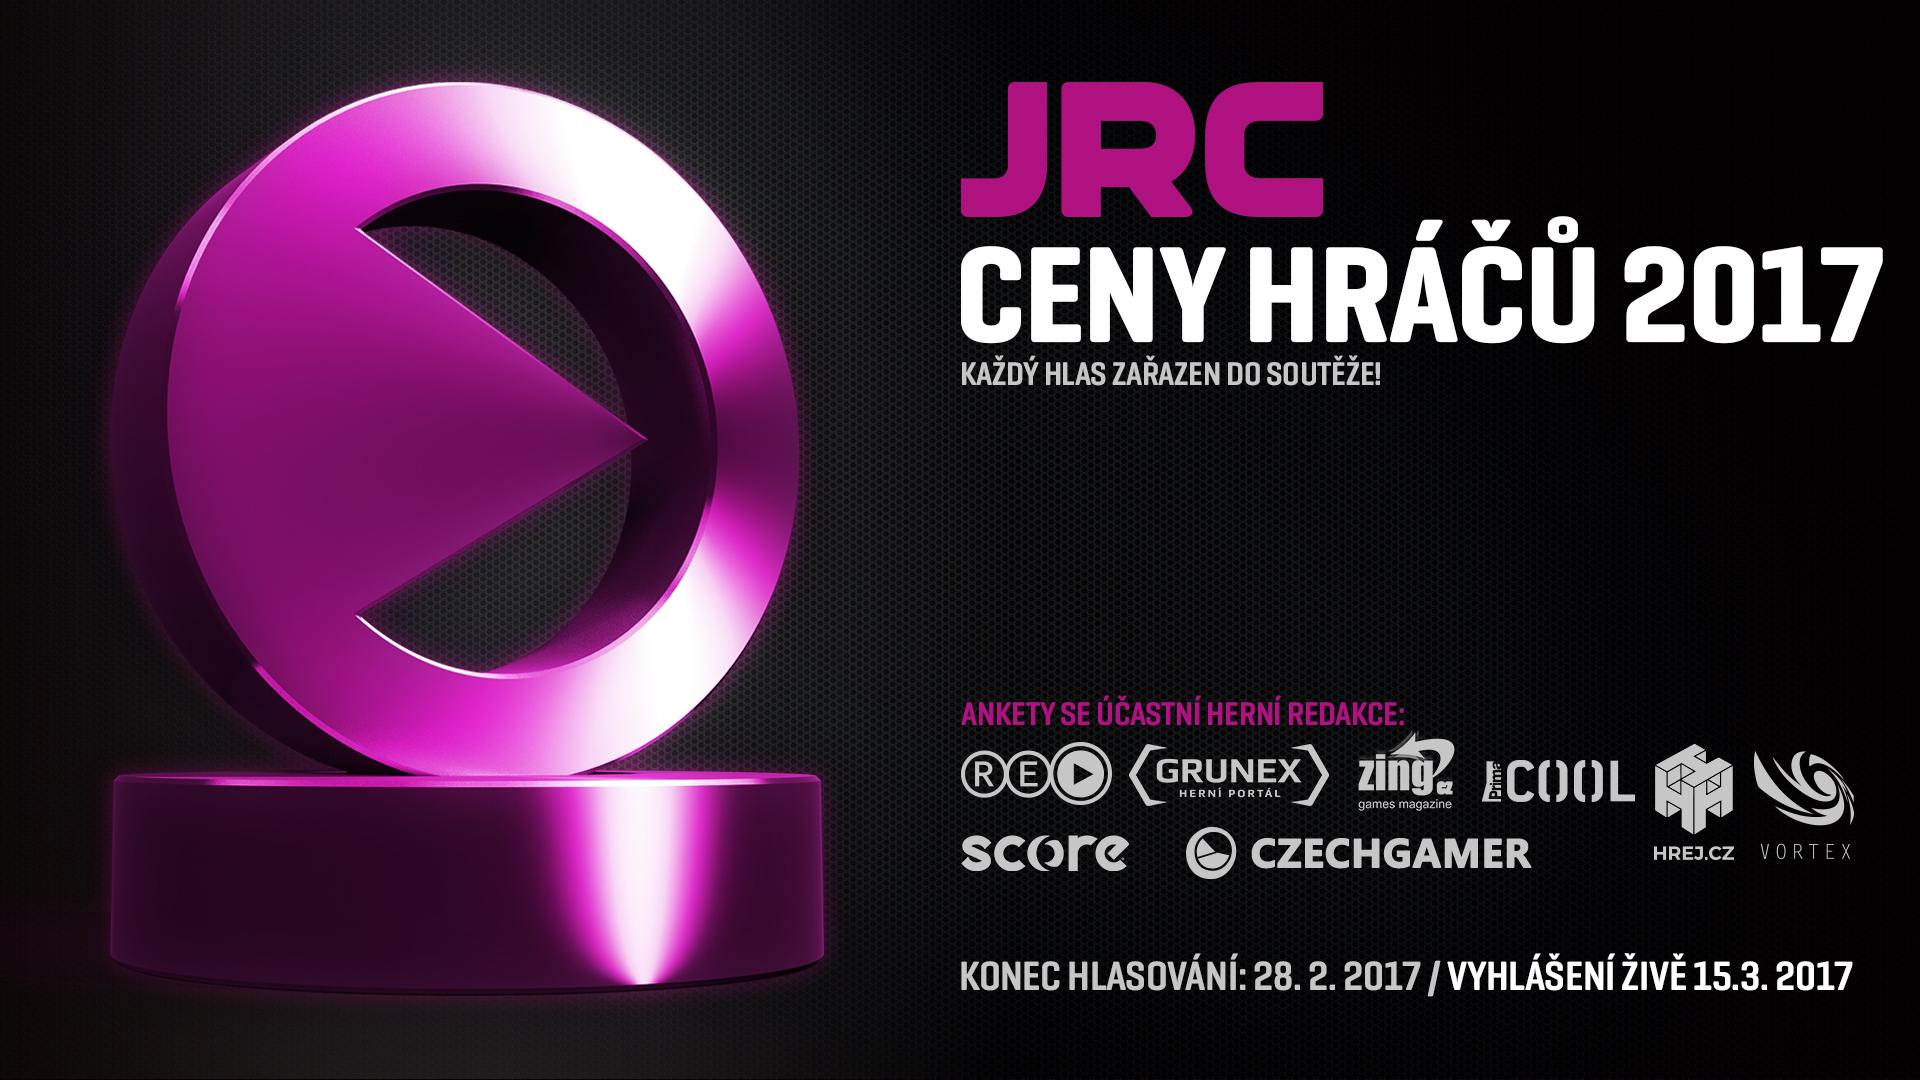 Hlasujte v anketě JRC Ceny hráčů 2017 155435